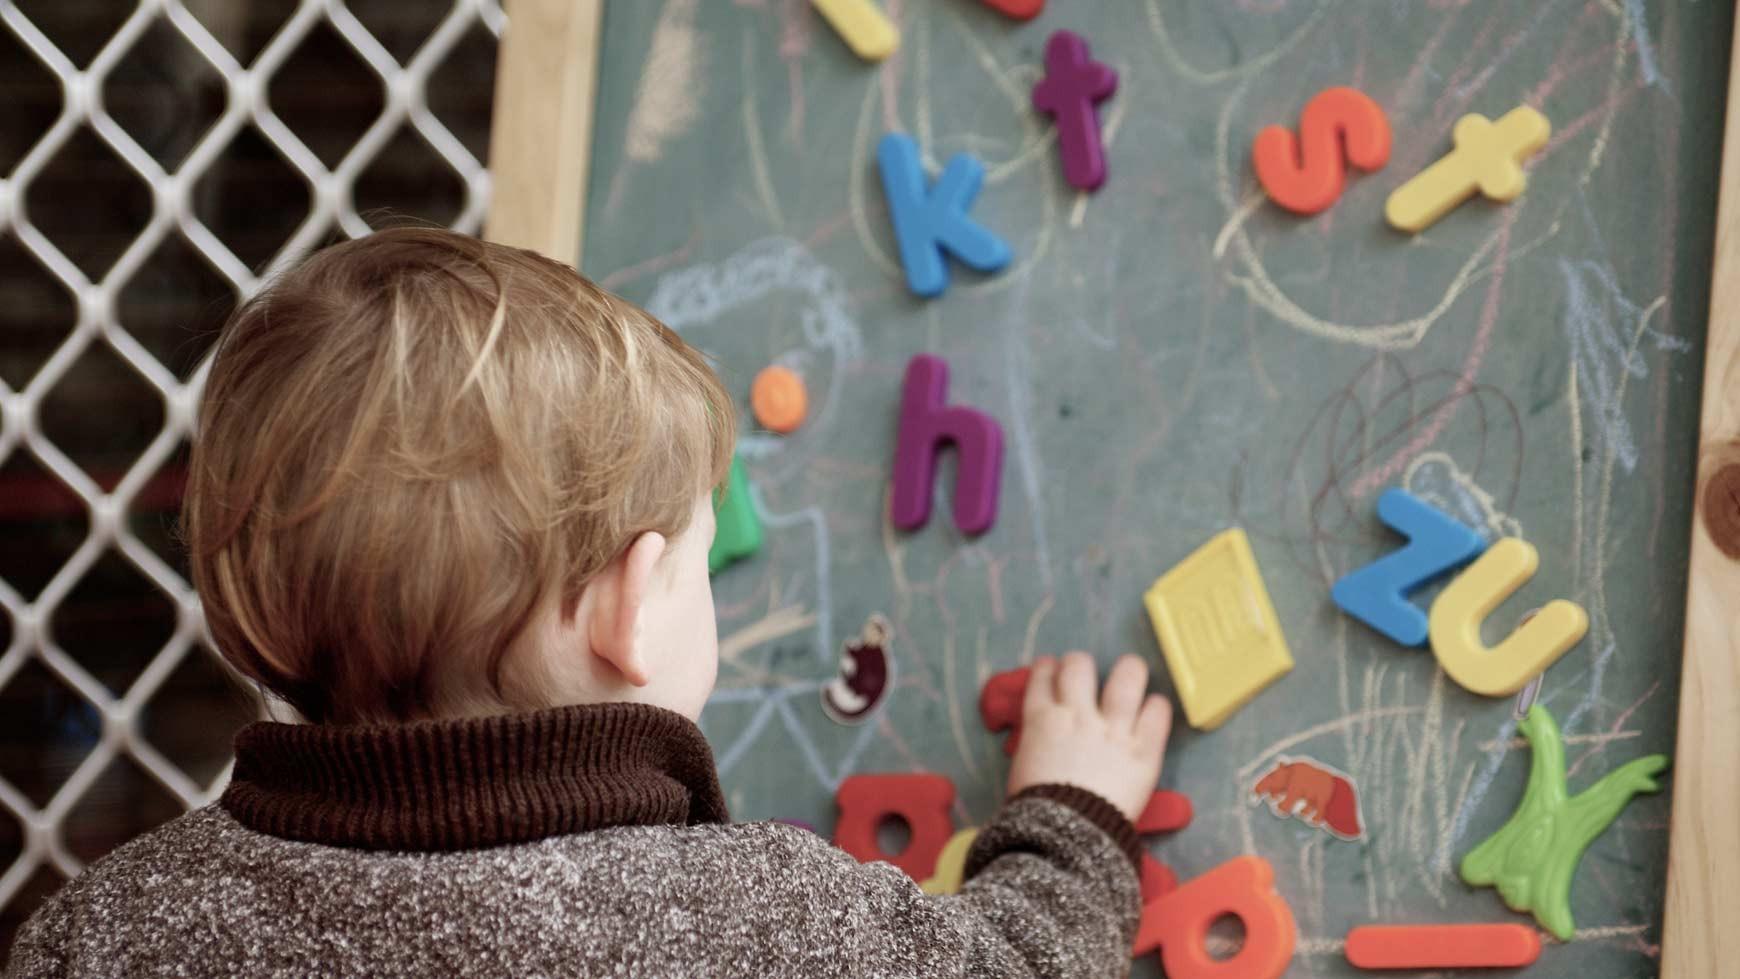 hijo tiene dislexia ayuda apoyo 2017 inclusión aprende conoce métodos